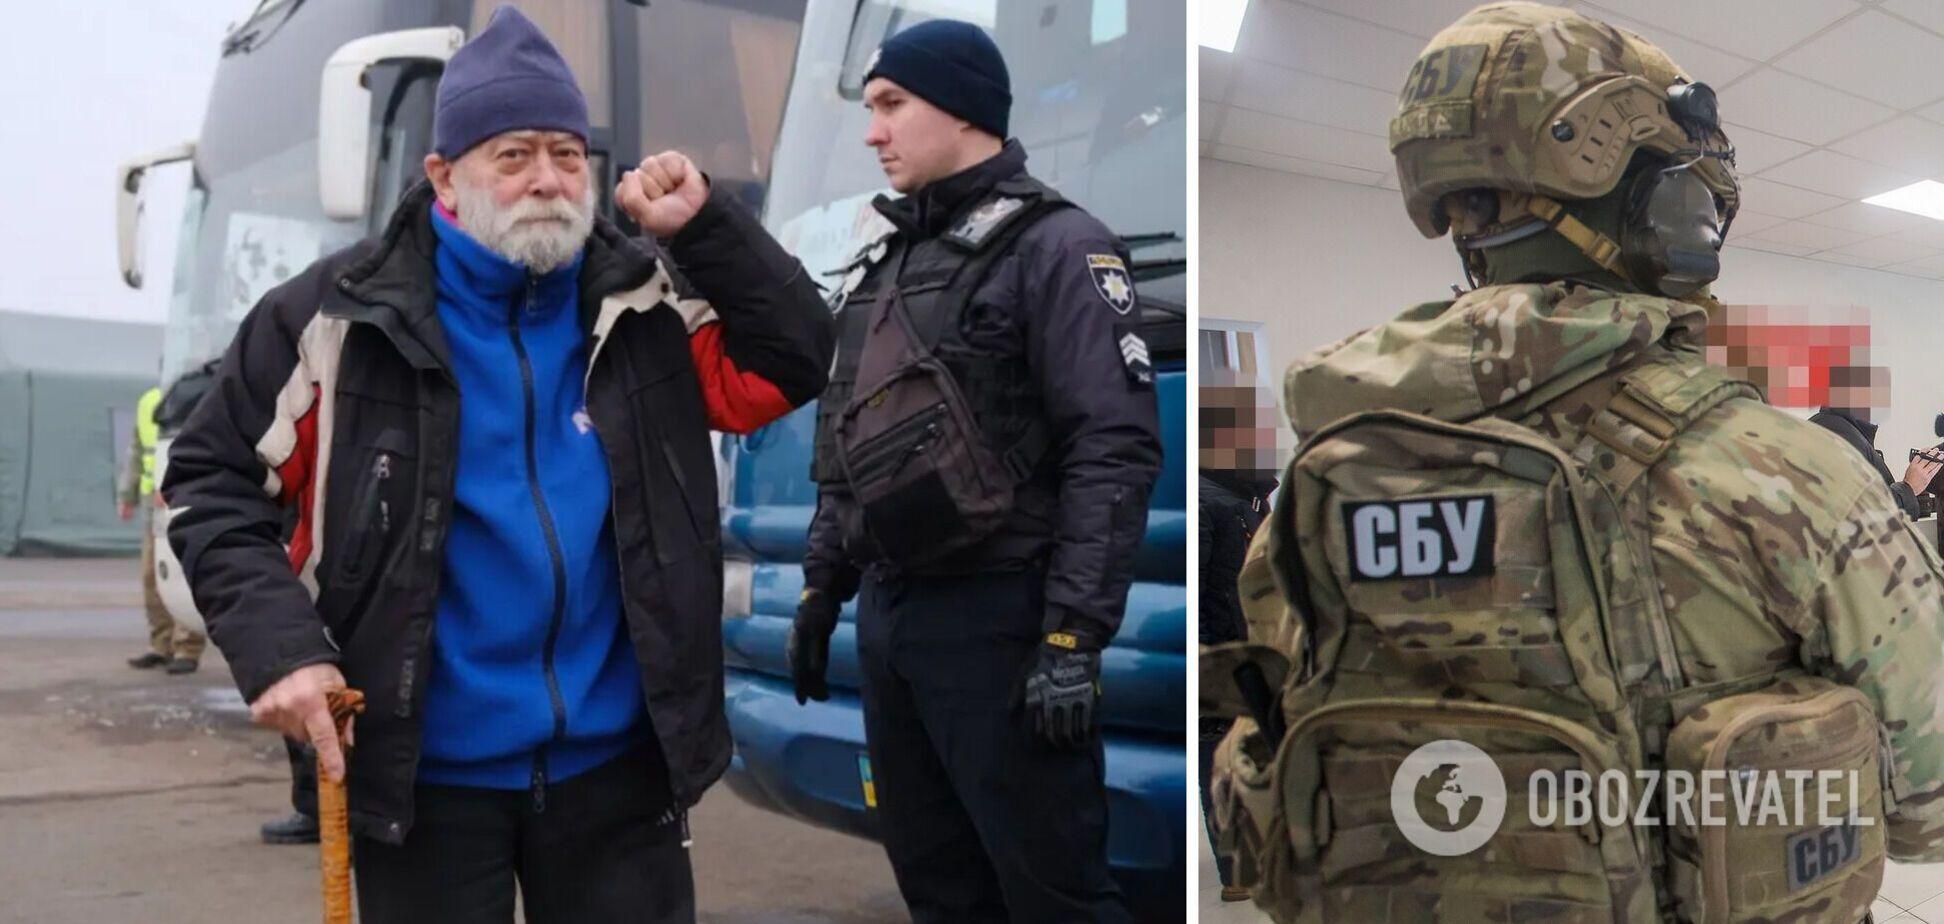 Верховний суд підтвердив вирок зраднику України, якого віддали по обміну в 'Л/ДНР'